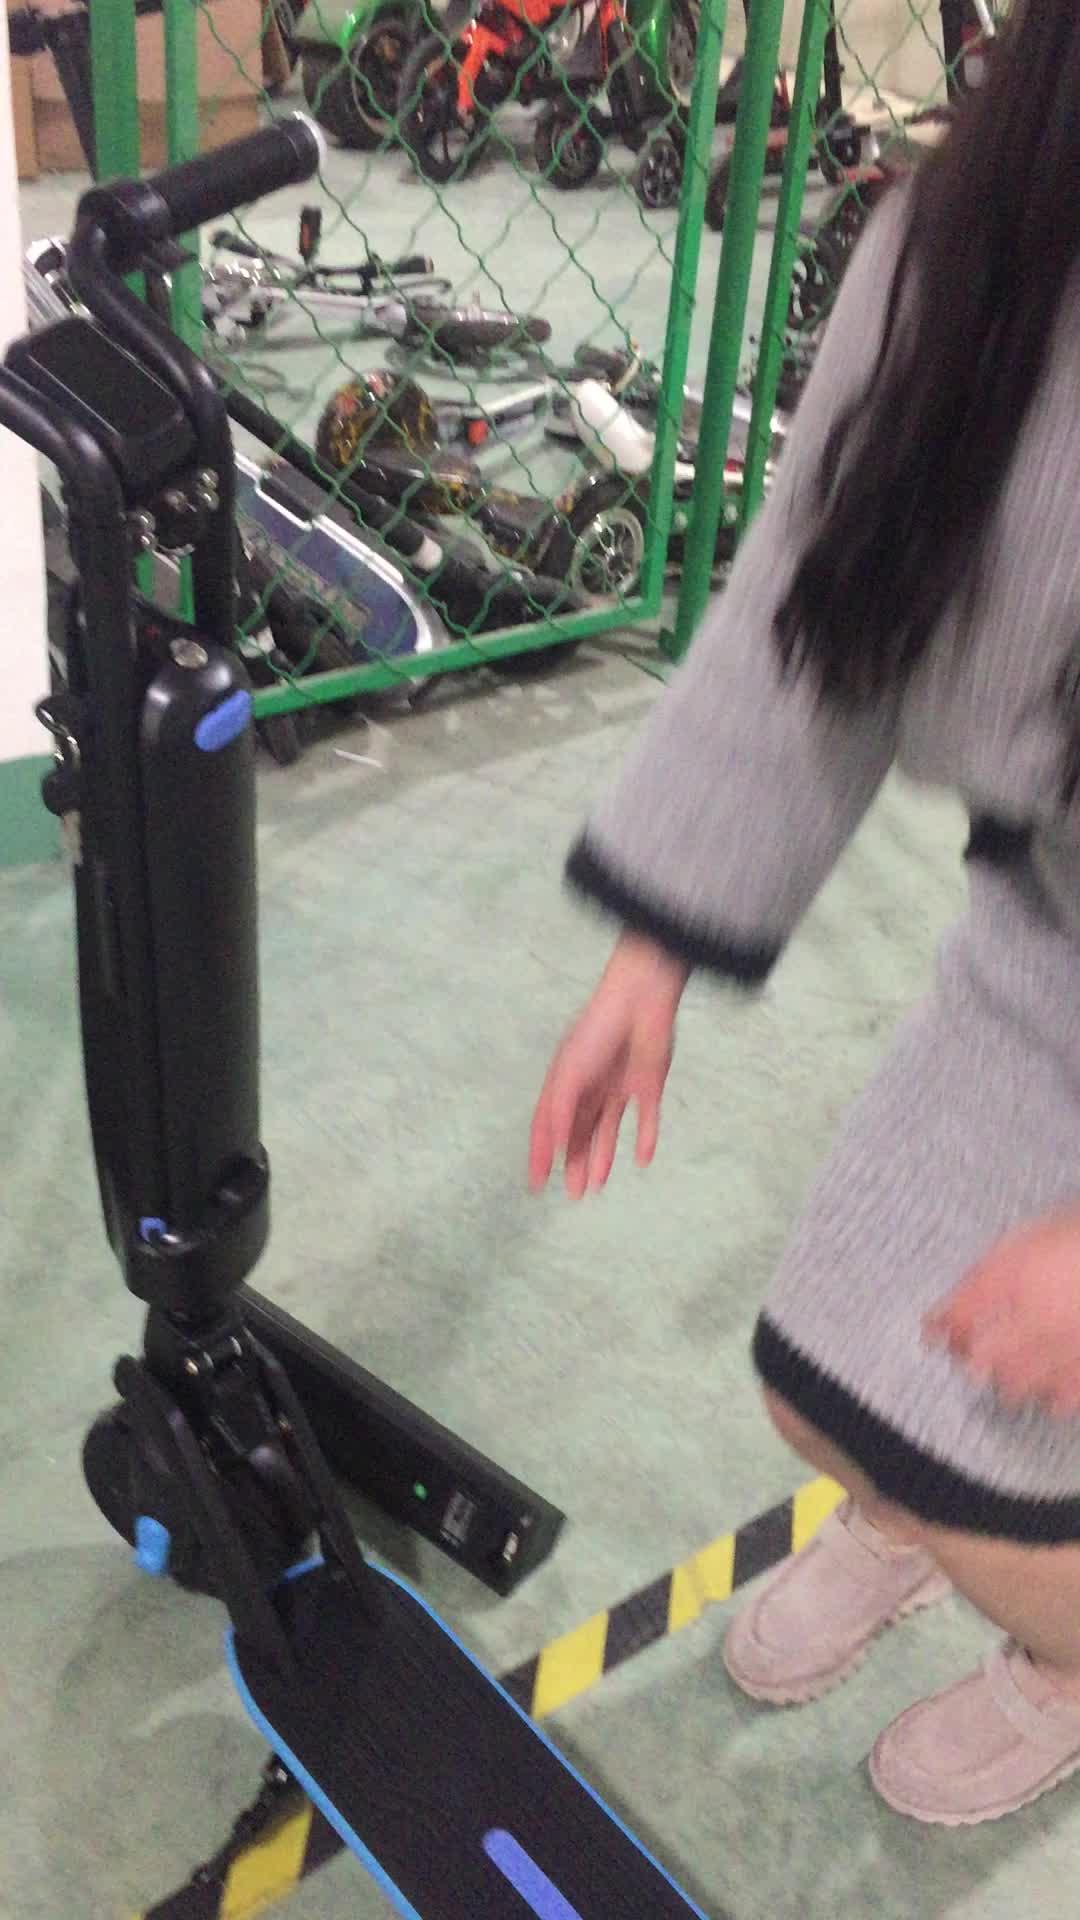 Di massa in piedi electrica elektric electro scooter